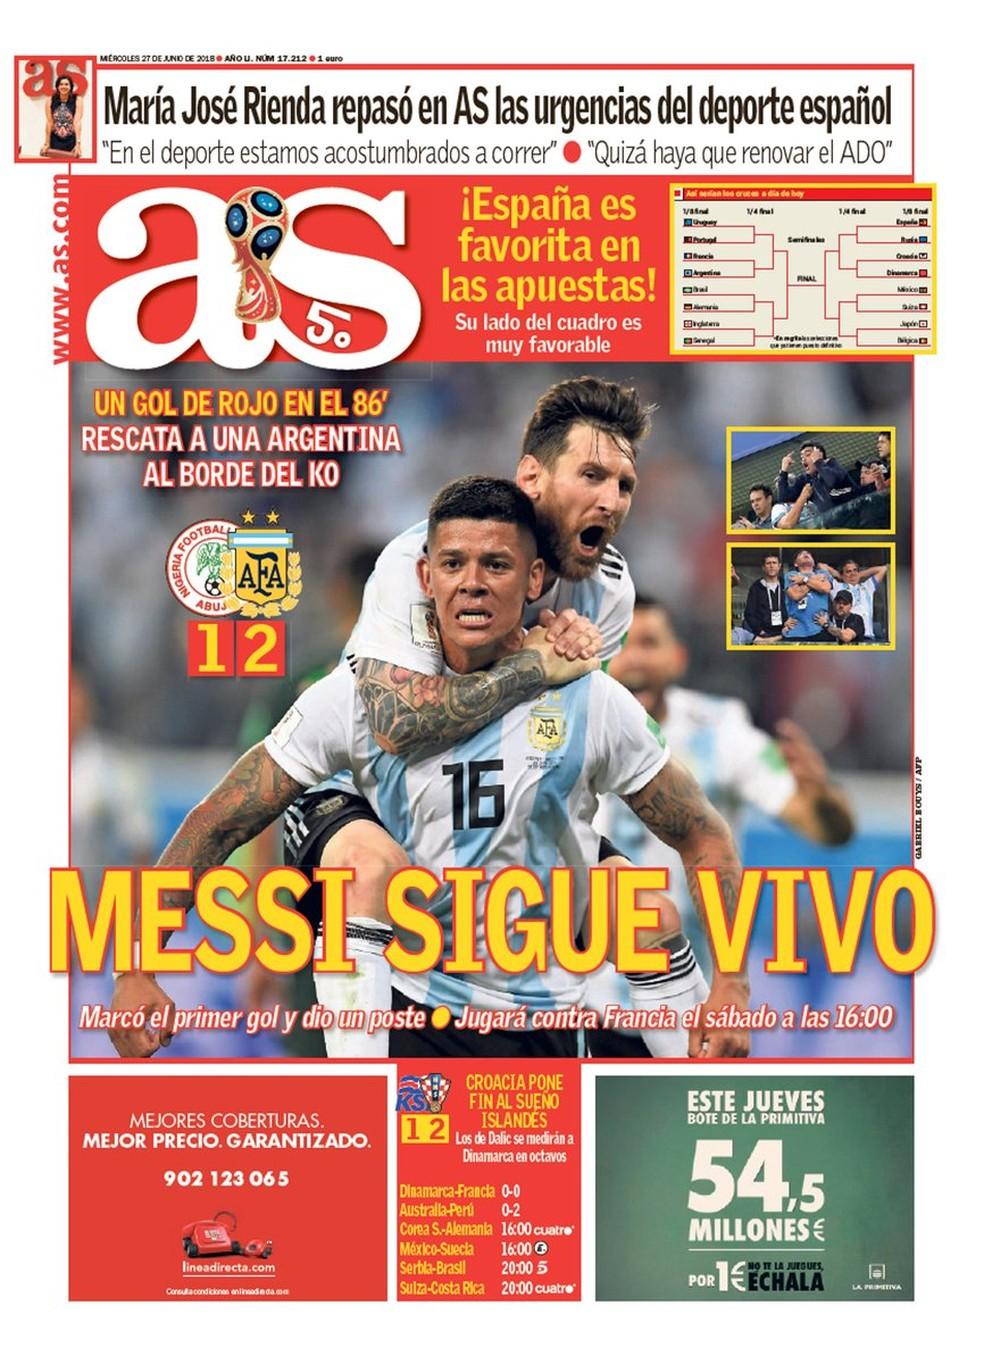 capa do as sobre a classificação da argentina (Foto: Divulgação)